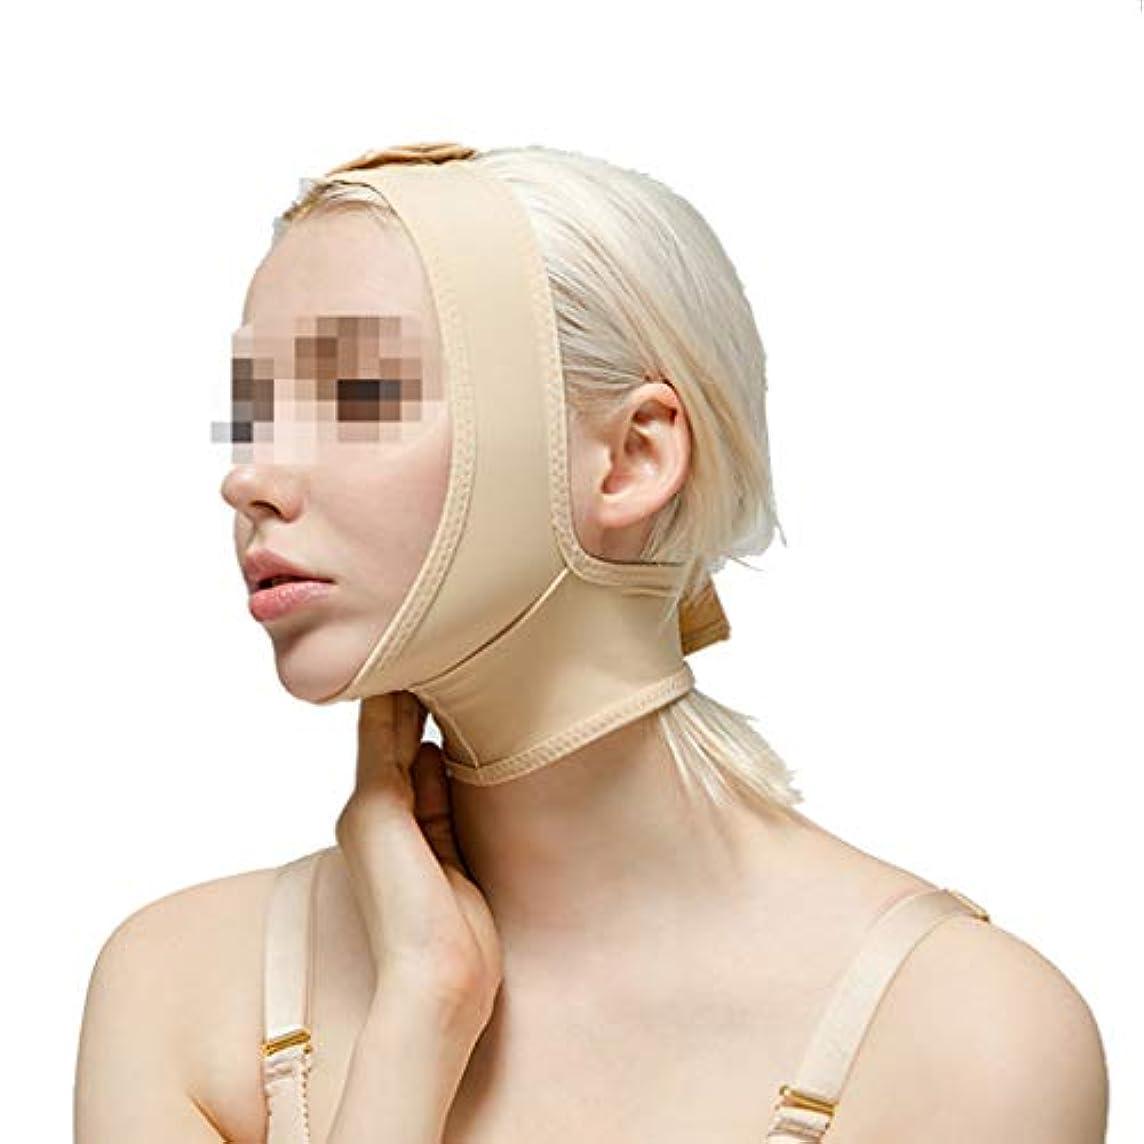 わかる降伏遷移XHLMRMJ 術後の弾性スリーブ、下顎の束フェイス包帯フェイシャルビームダブルチンシンフェイスマスクマルチサイズオプション (Size : XXL)